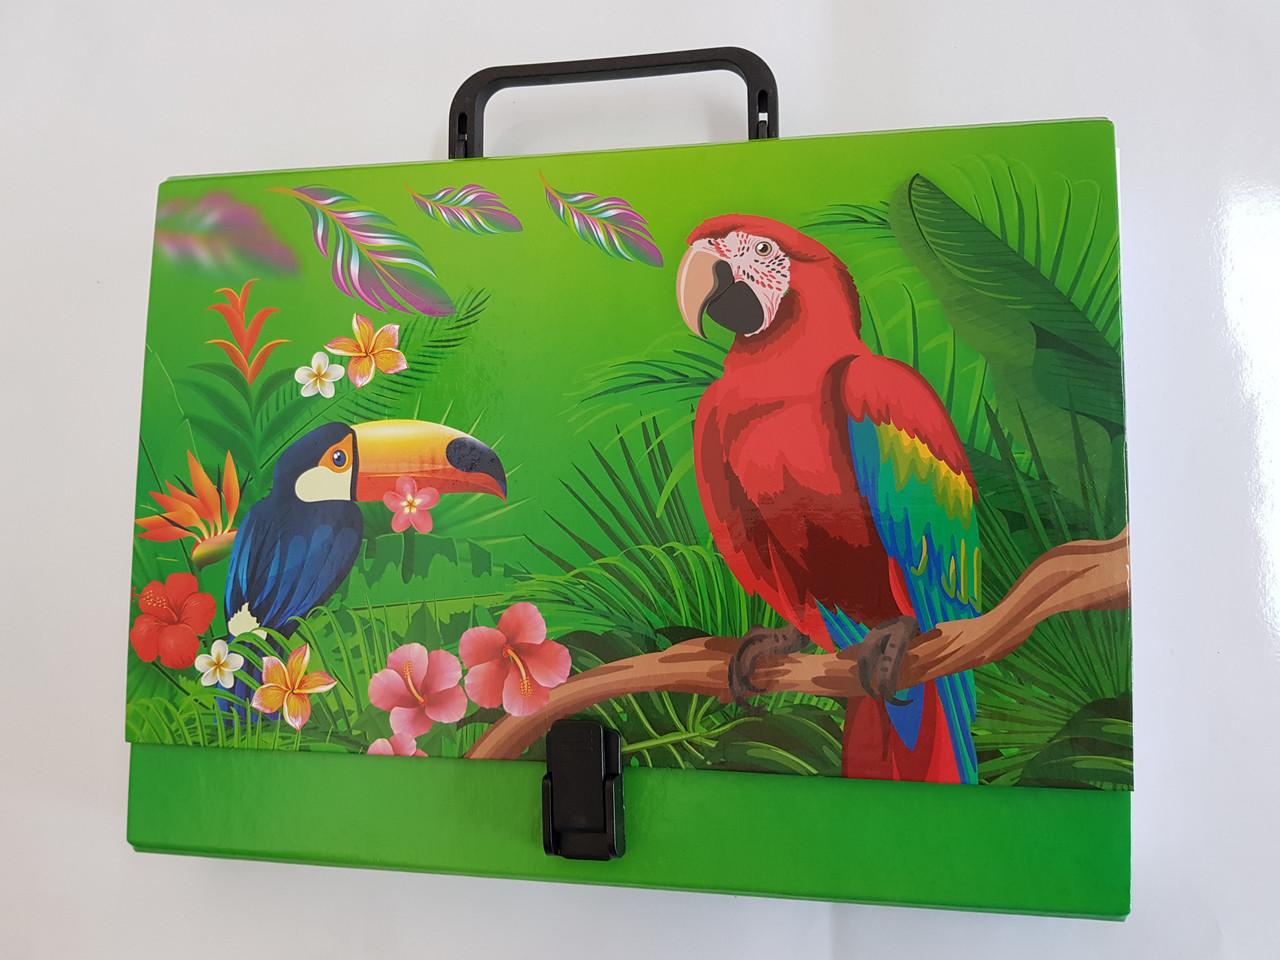 Портфель на замке, 40 мм, А4, полноцветный, PP-покрытие